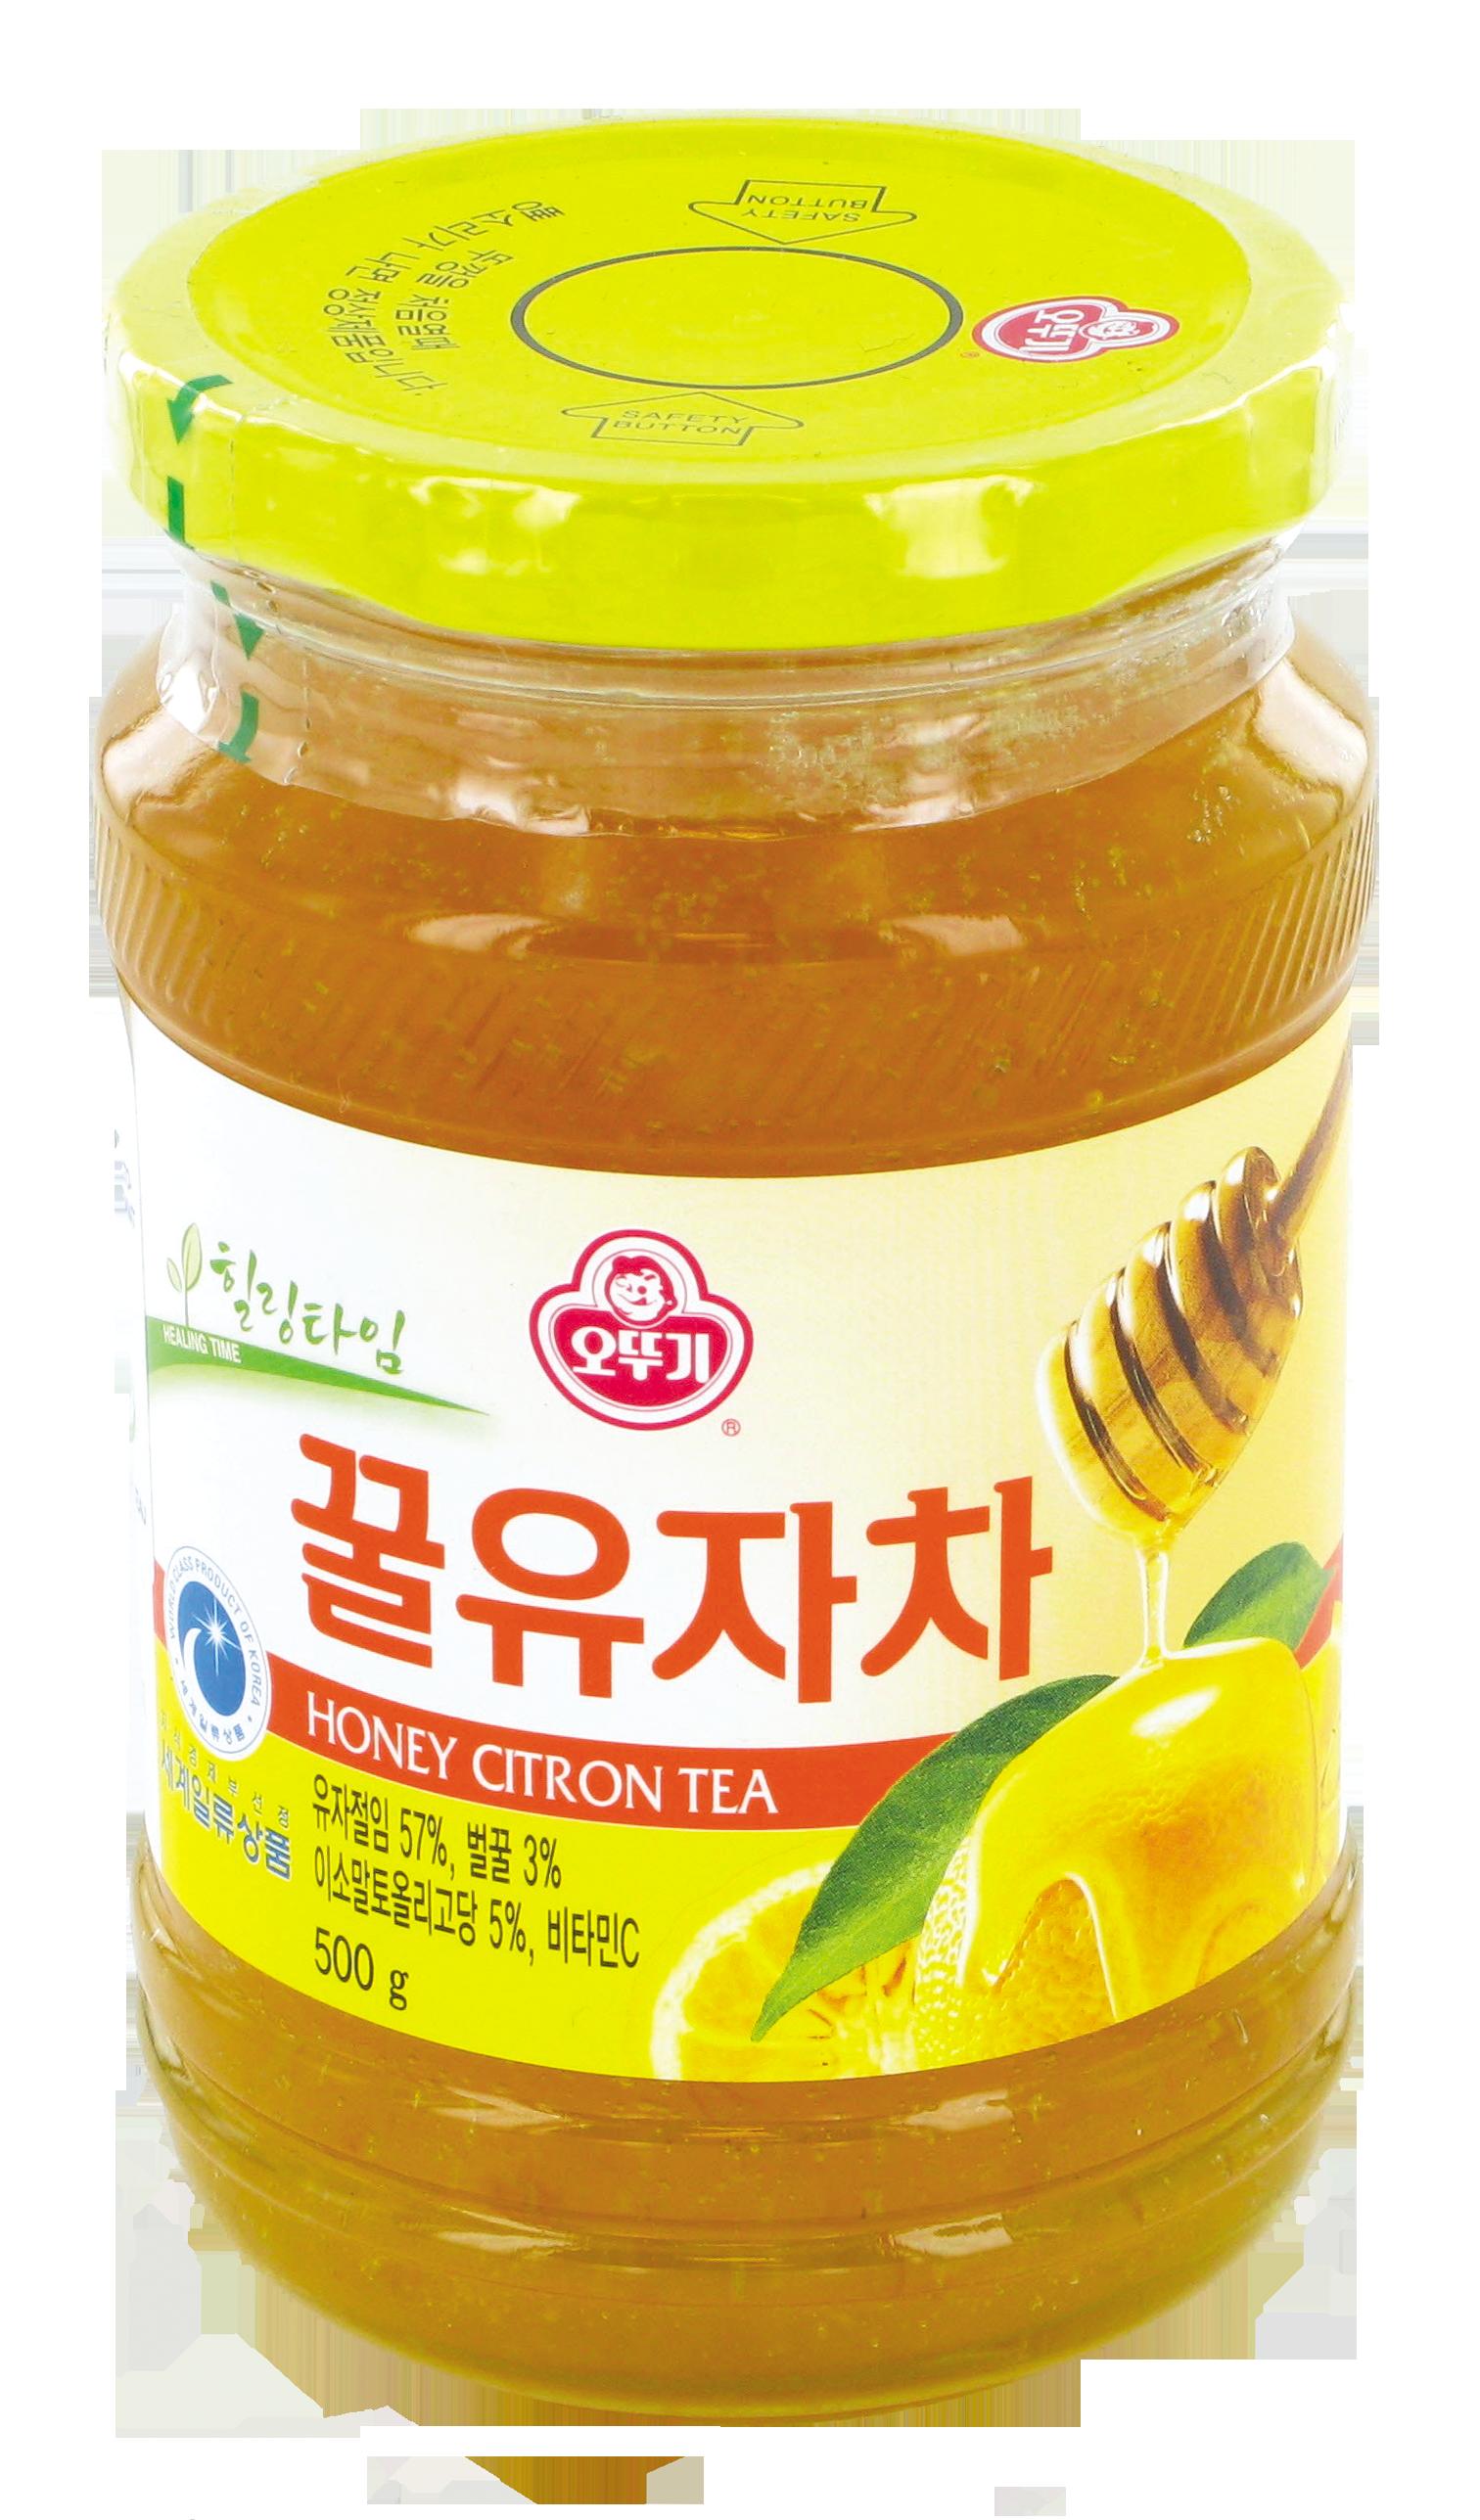 Préparation pour boisson aux citrons et au miel, Ottogi (500 g)